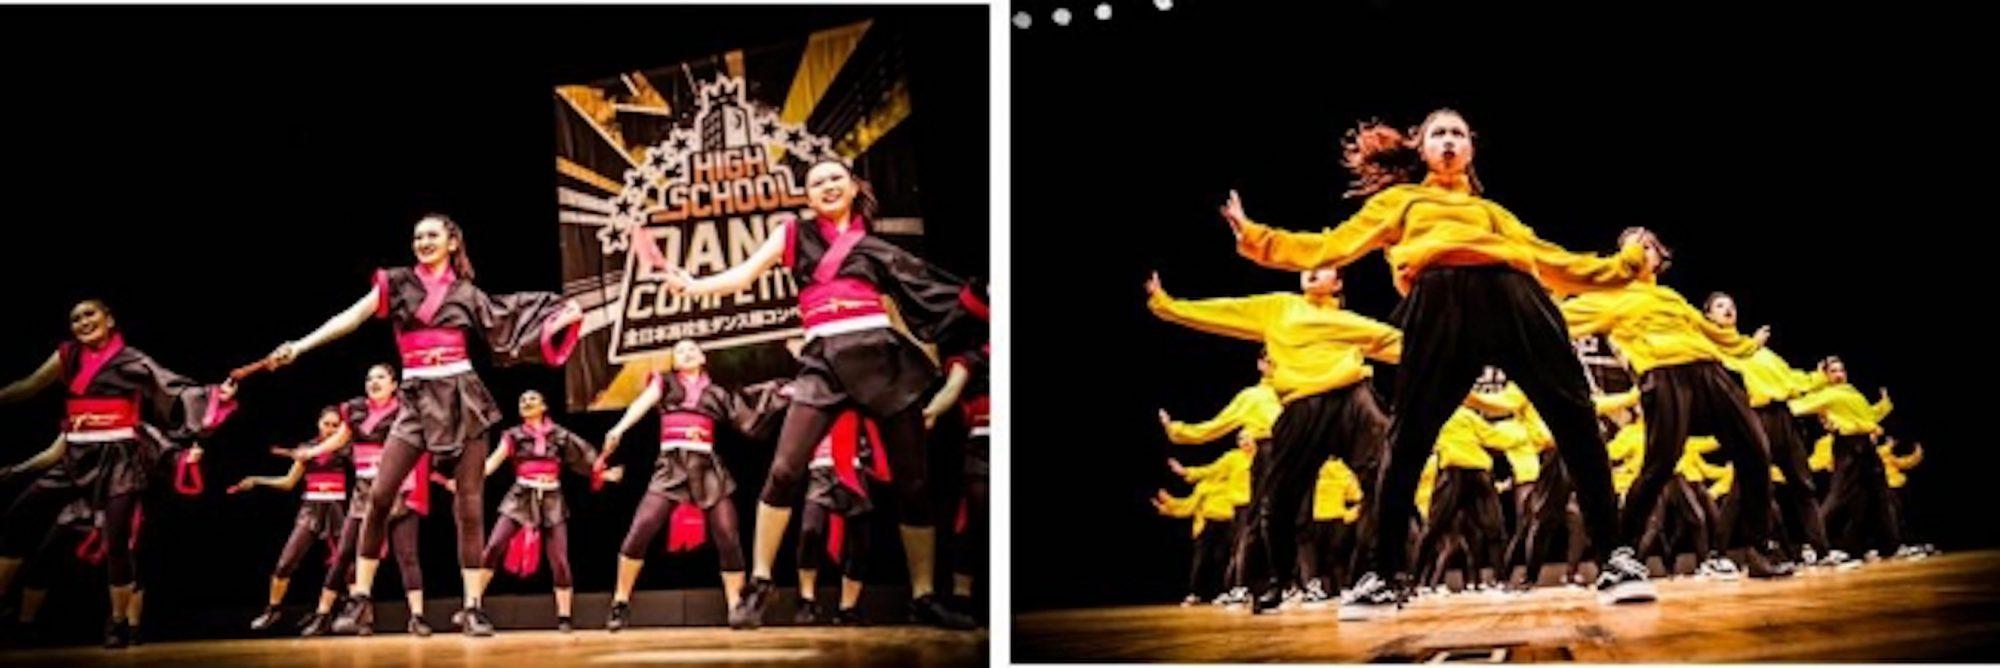 高校生のダンス部日本一を決定する全日本高校生ダンス部コンペティションがついに開幕!『マイナビHIGH SCHOOL DANCE COMPETITION 2019』